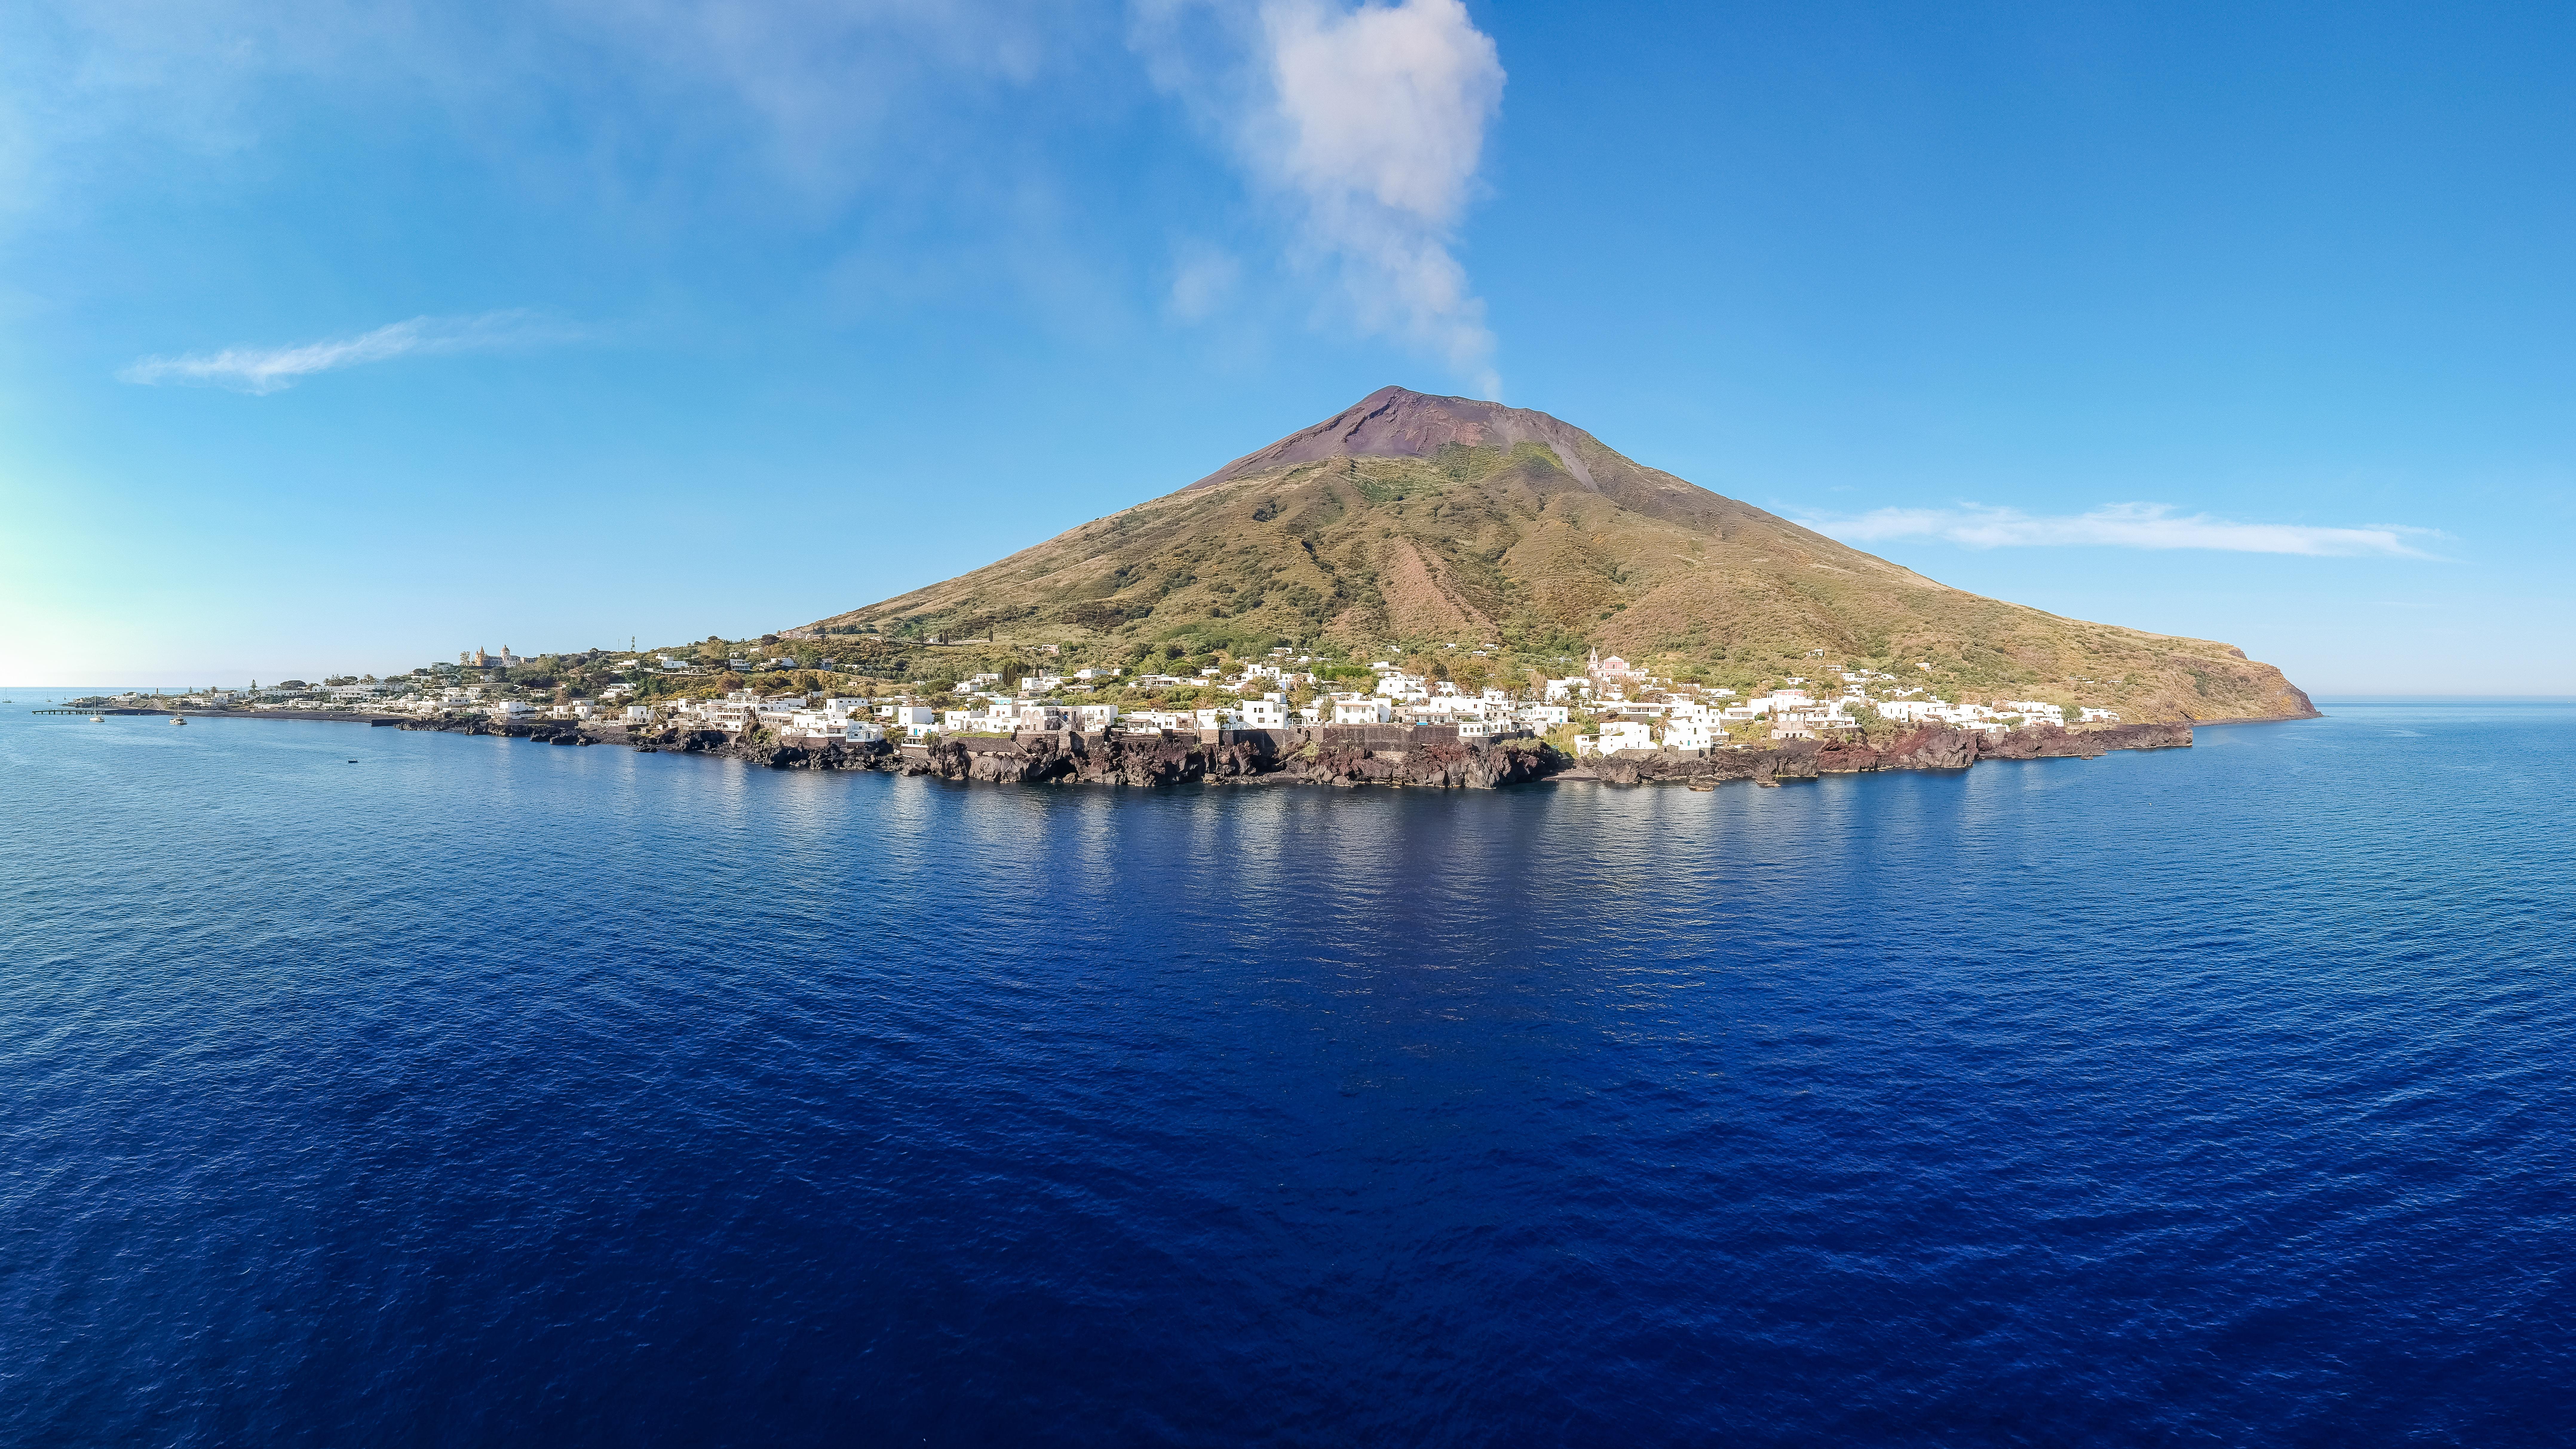 Il vulcano di Strombli